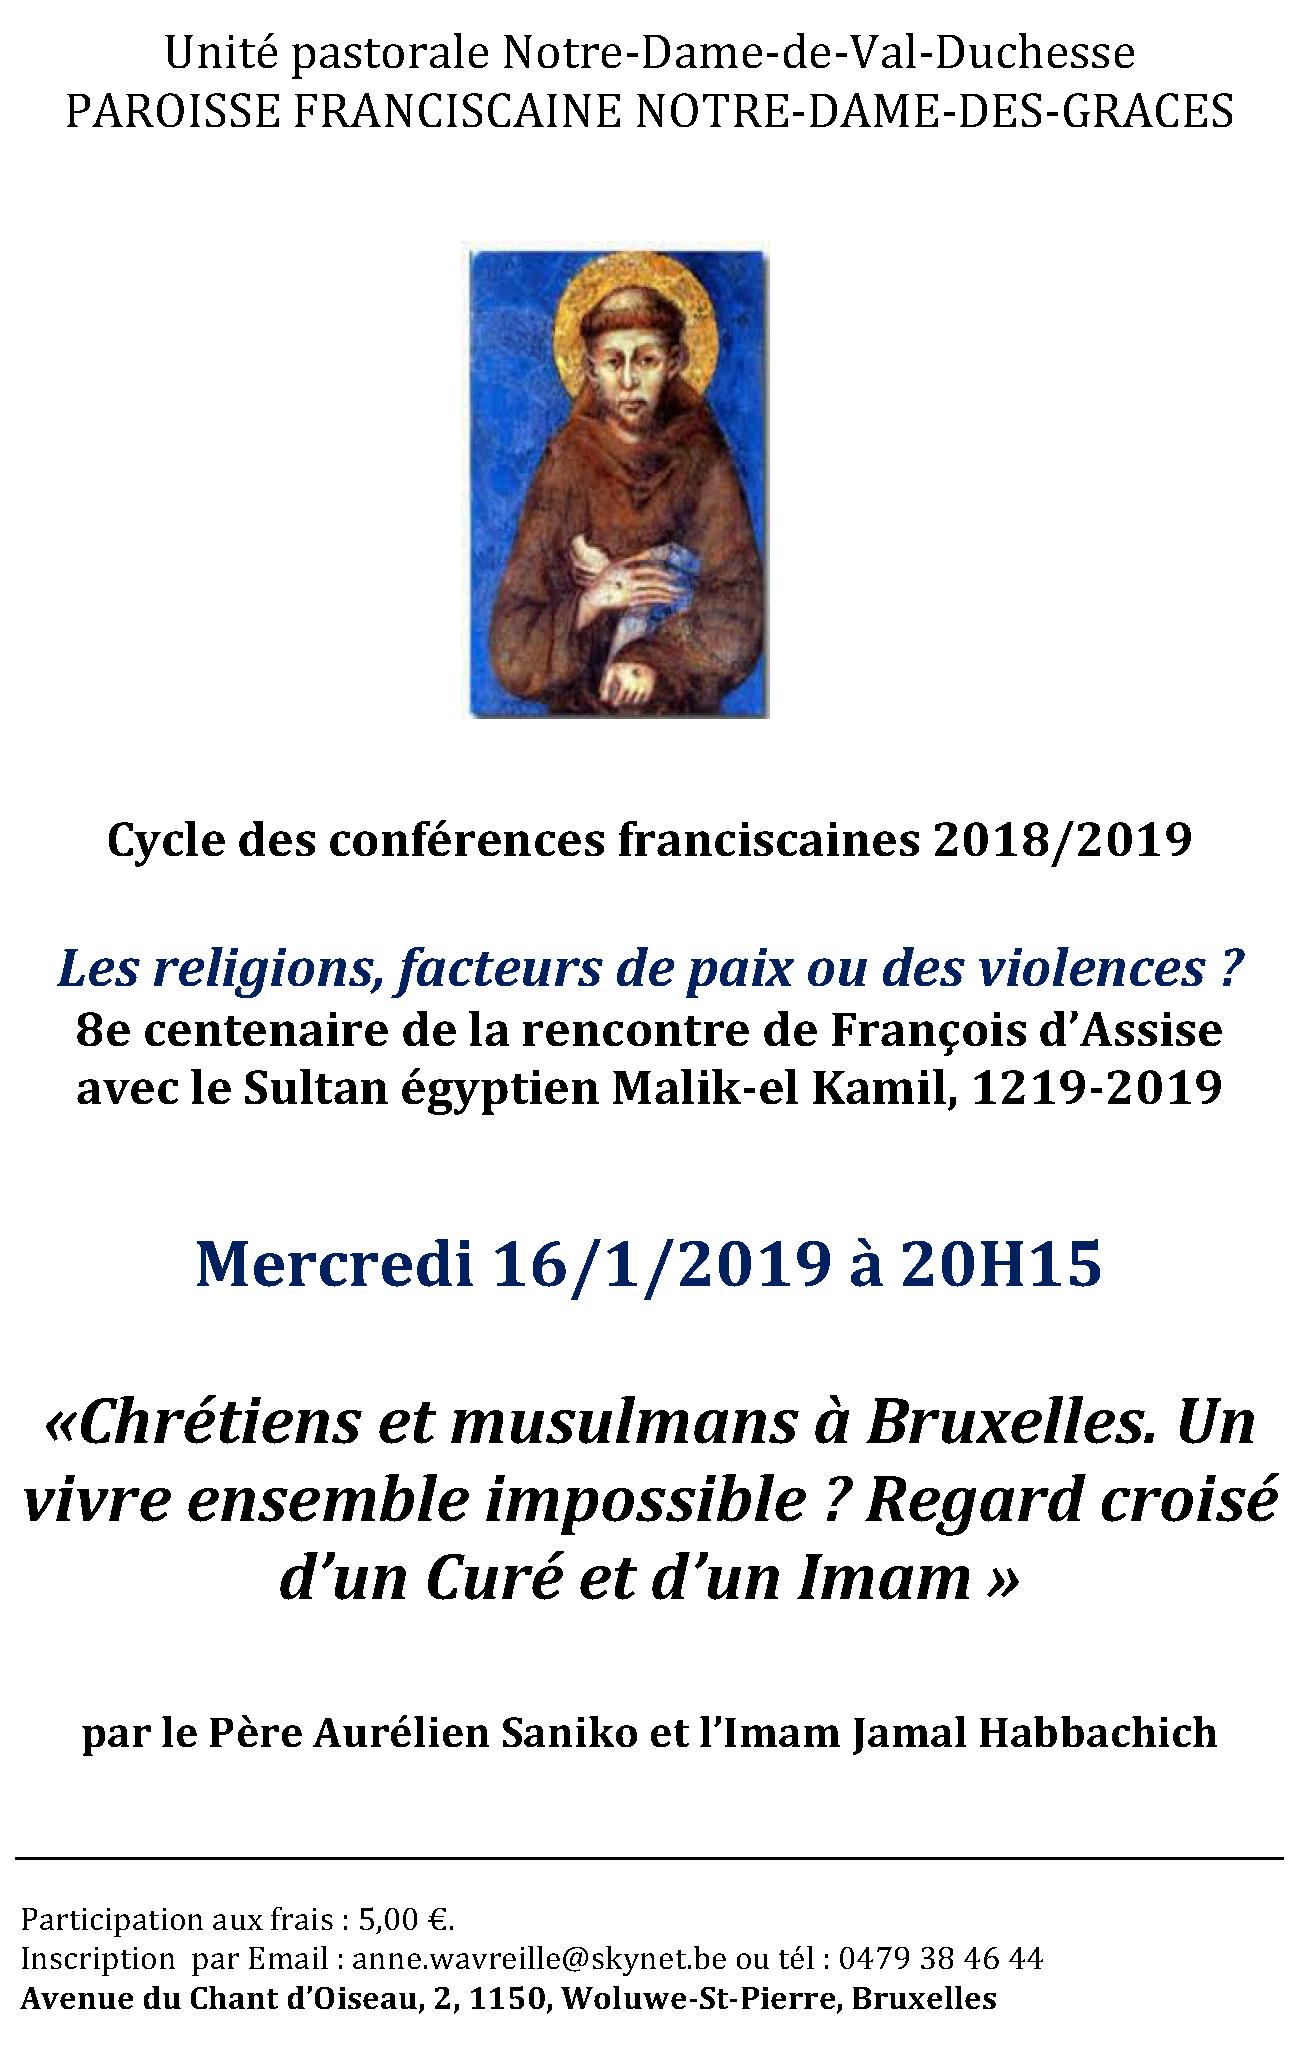 Conférence franciscaine : «Chrétiens et musulmans à Bruxelles. Un vivre ensemble impossible ? Regard croisé d'un Curé et d'un Imam » par le Père Aurélien Saniko et l'Imam Jamal Habbachich @ Notre-Dame des Grâces (cure)